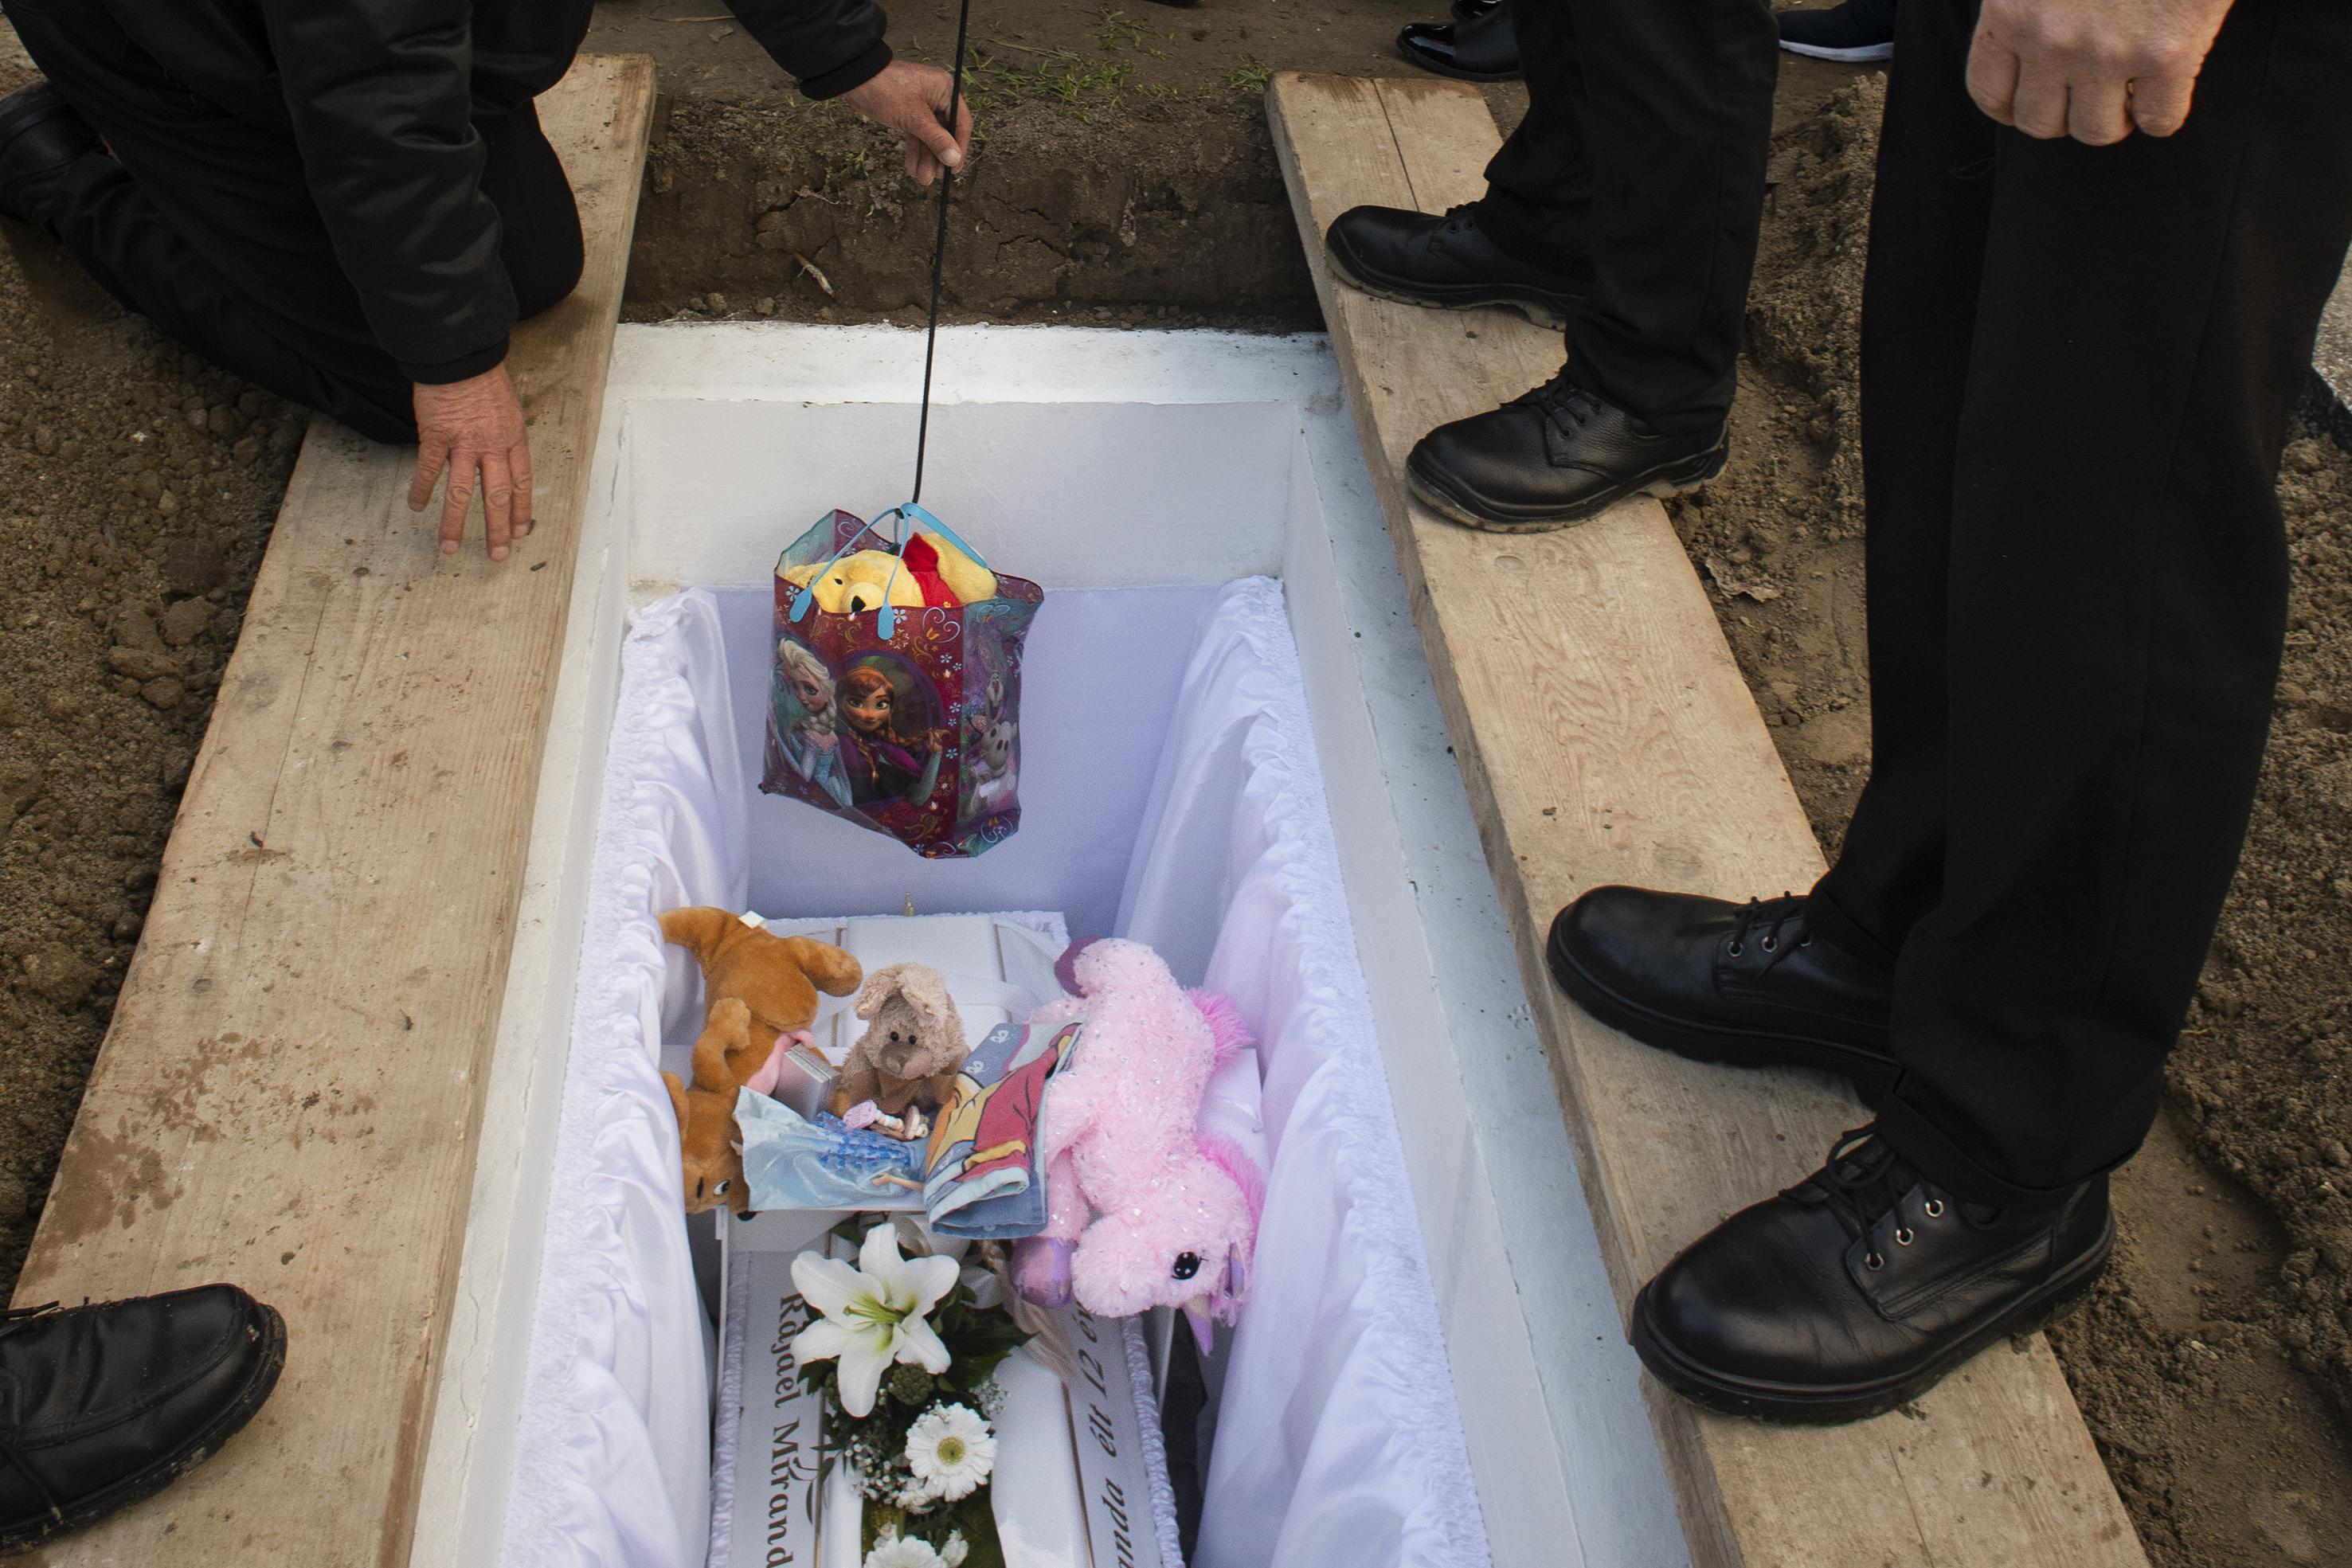 Fotó: Kovács Bea: Miranda 2020. november 4-én meghalt. Utolsó útjára legkedvesebb játékai is elkísérték.